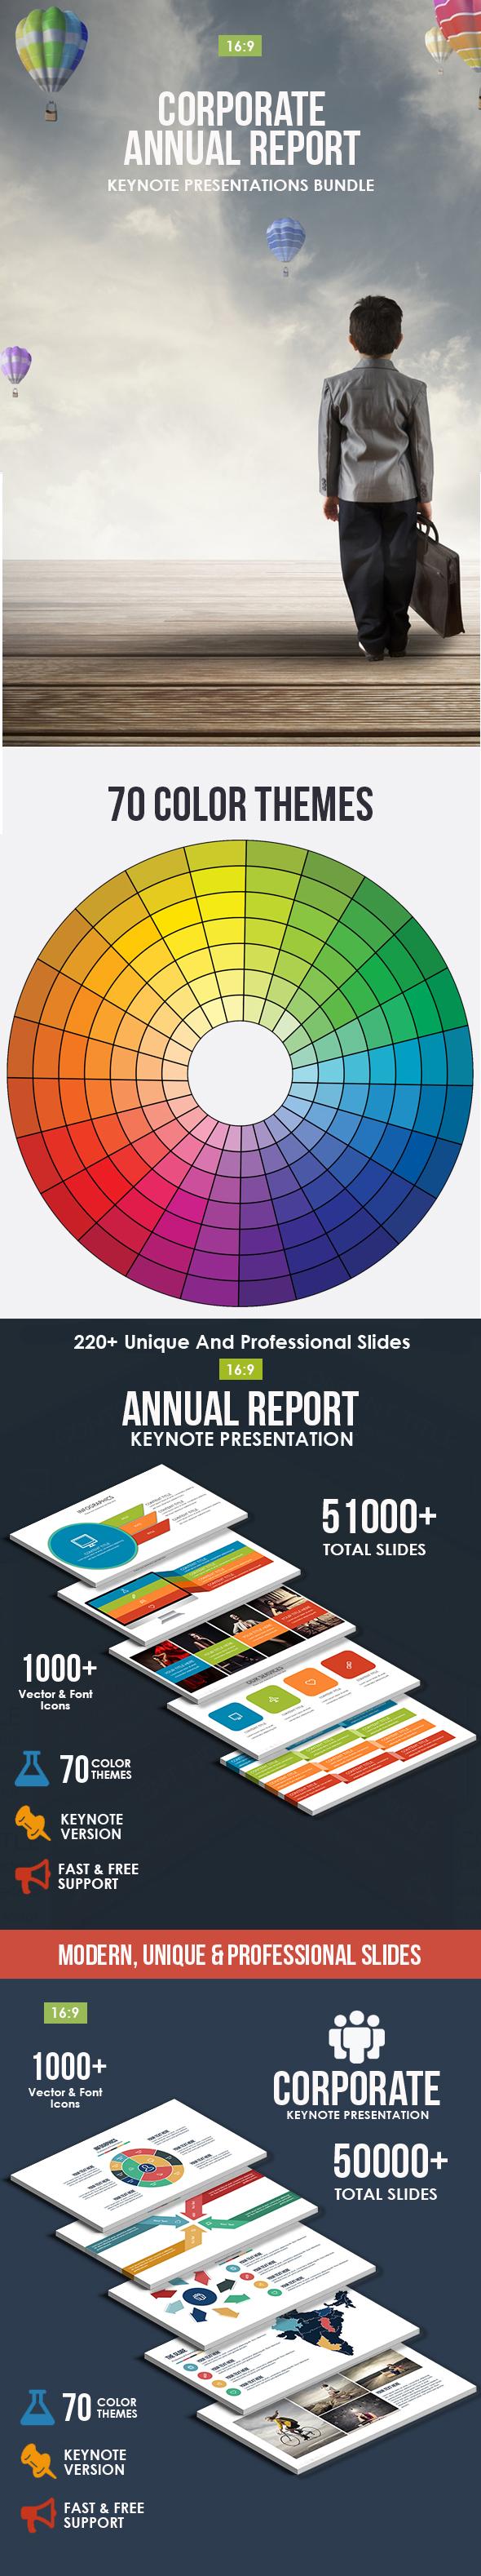 GraphicRiver Corporate & Annual Report 2 In 1 Bundle 20988796